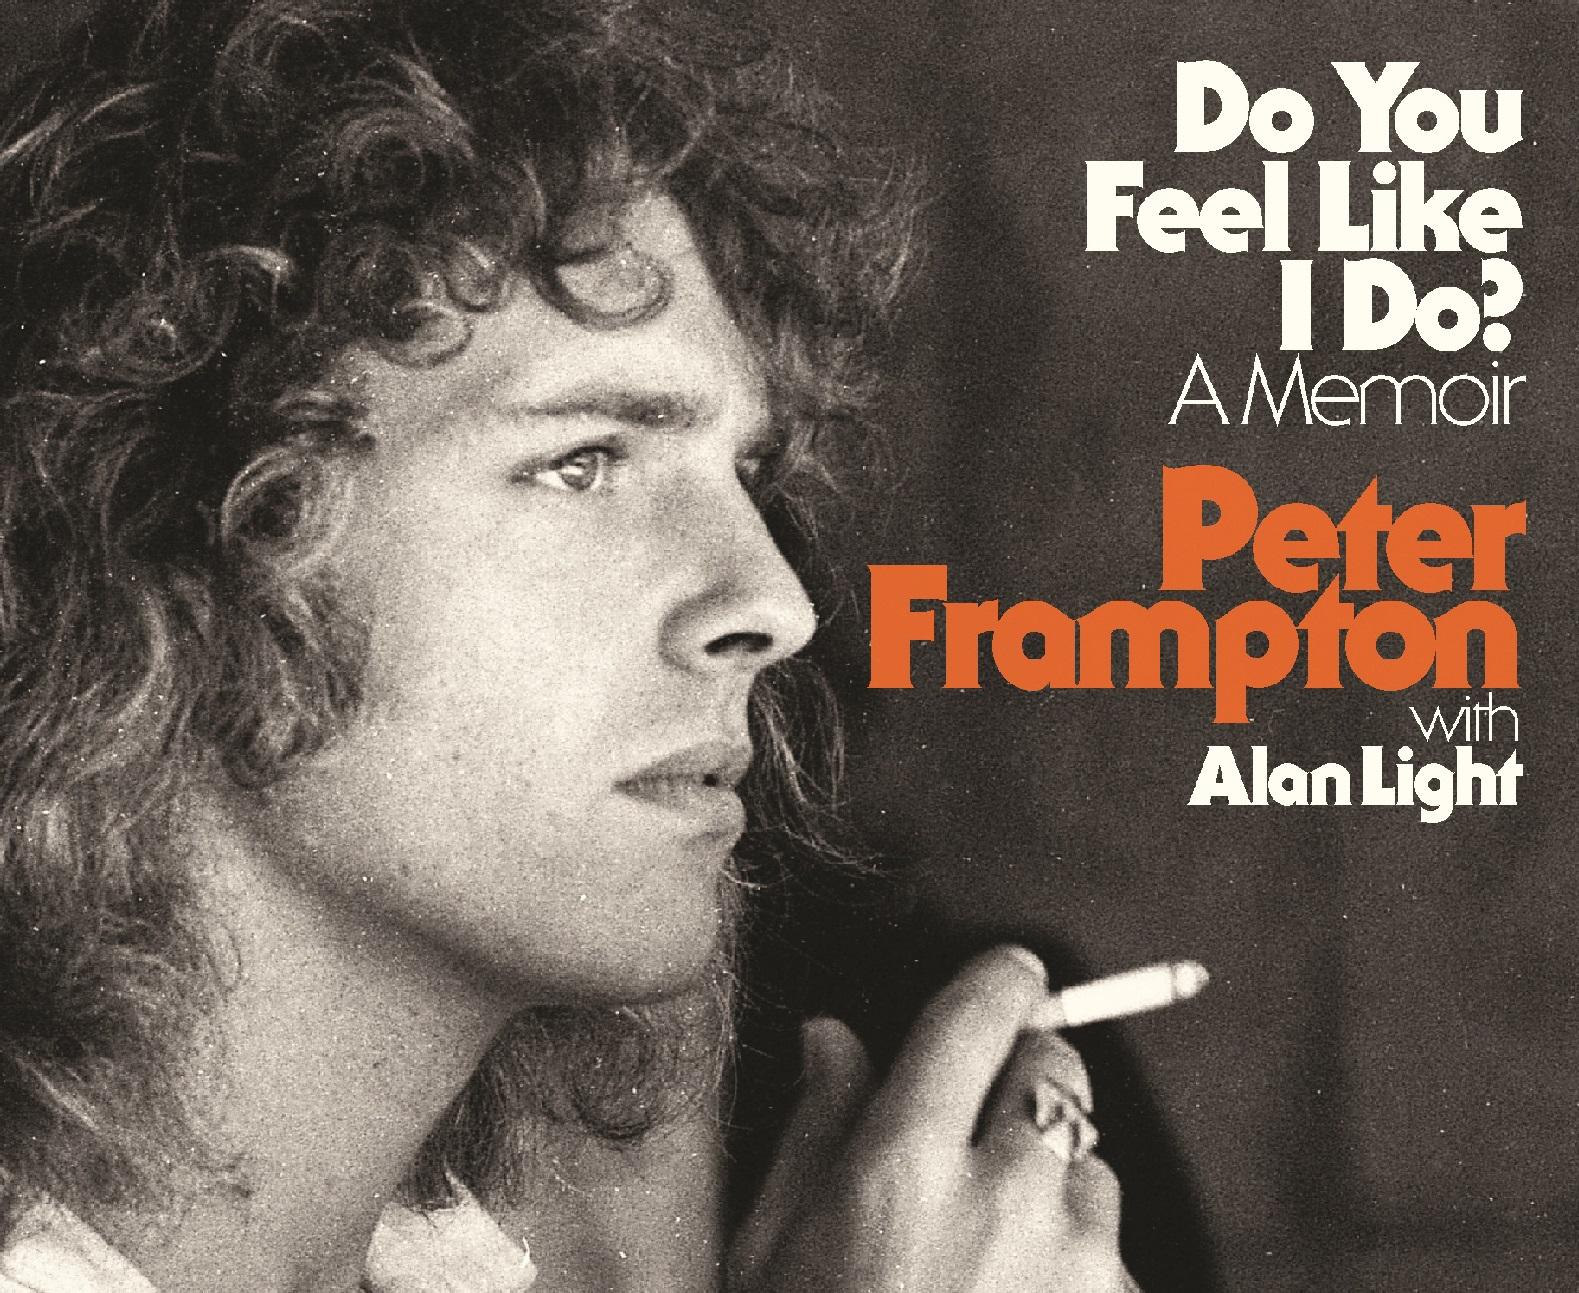 Peter Frampton's First Memoir Do You Feel Like I Do? To Hit Bookshelves Oct. 20